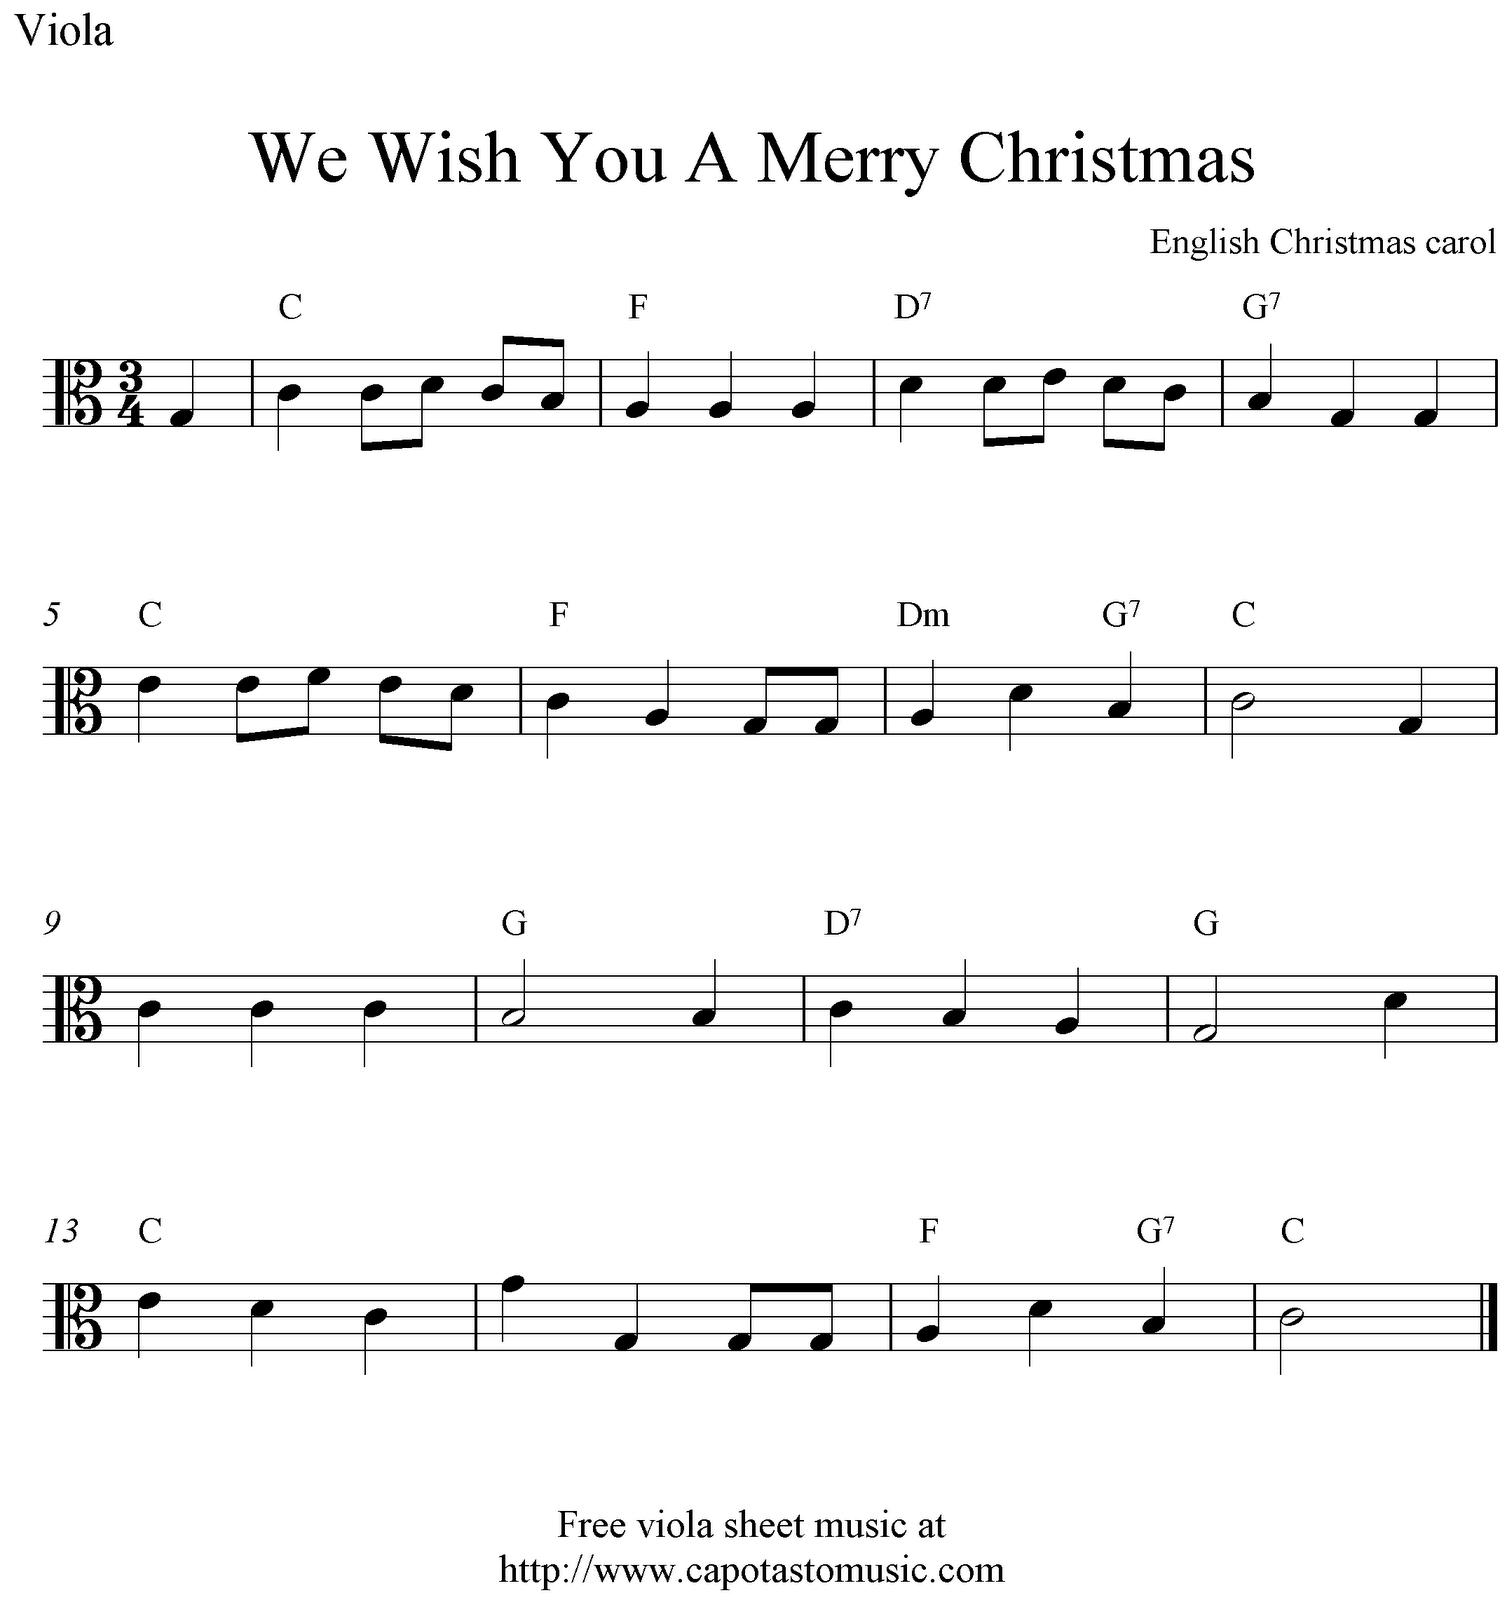 Viola Sheet Music For Christmas | Free Easy Christmas Viola Sheet - Viola Sheet Music Free Printable